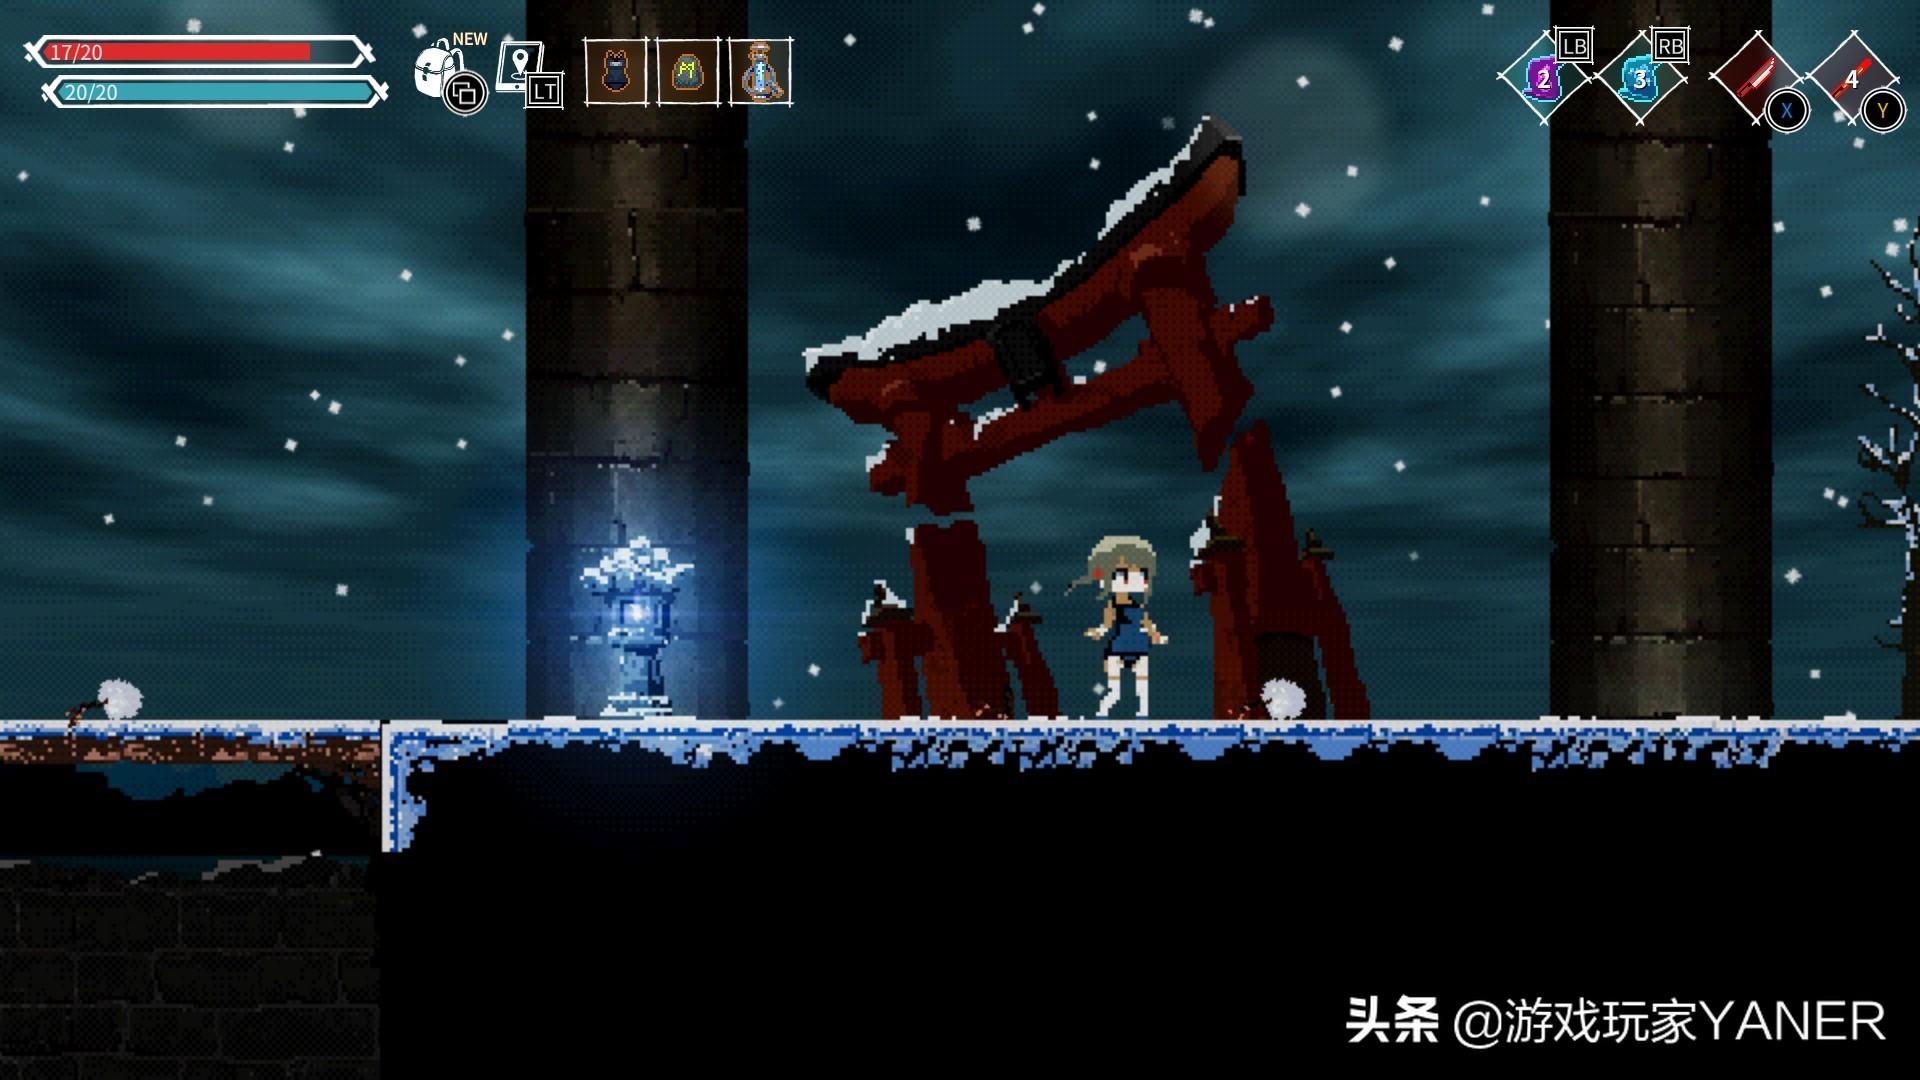 《失落的遗迹》游戏评测